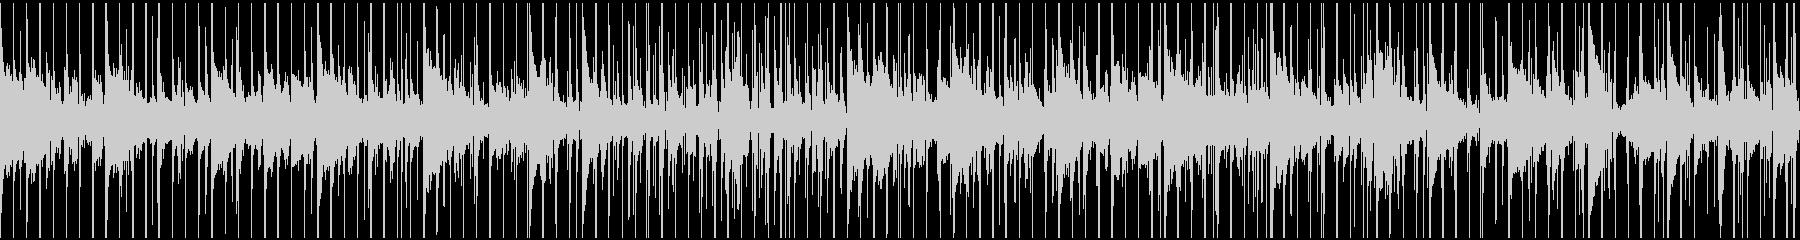 謎解き、推理中、ミステリー調(ループ)の未再生の波形